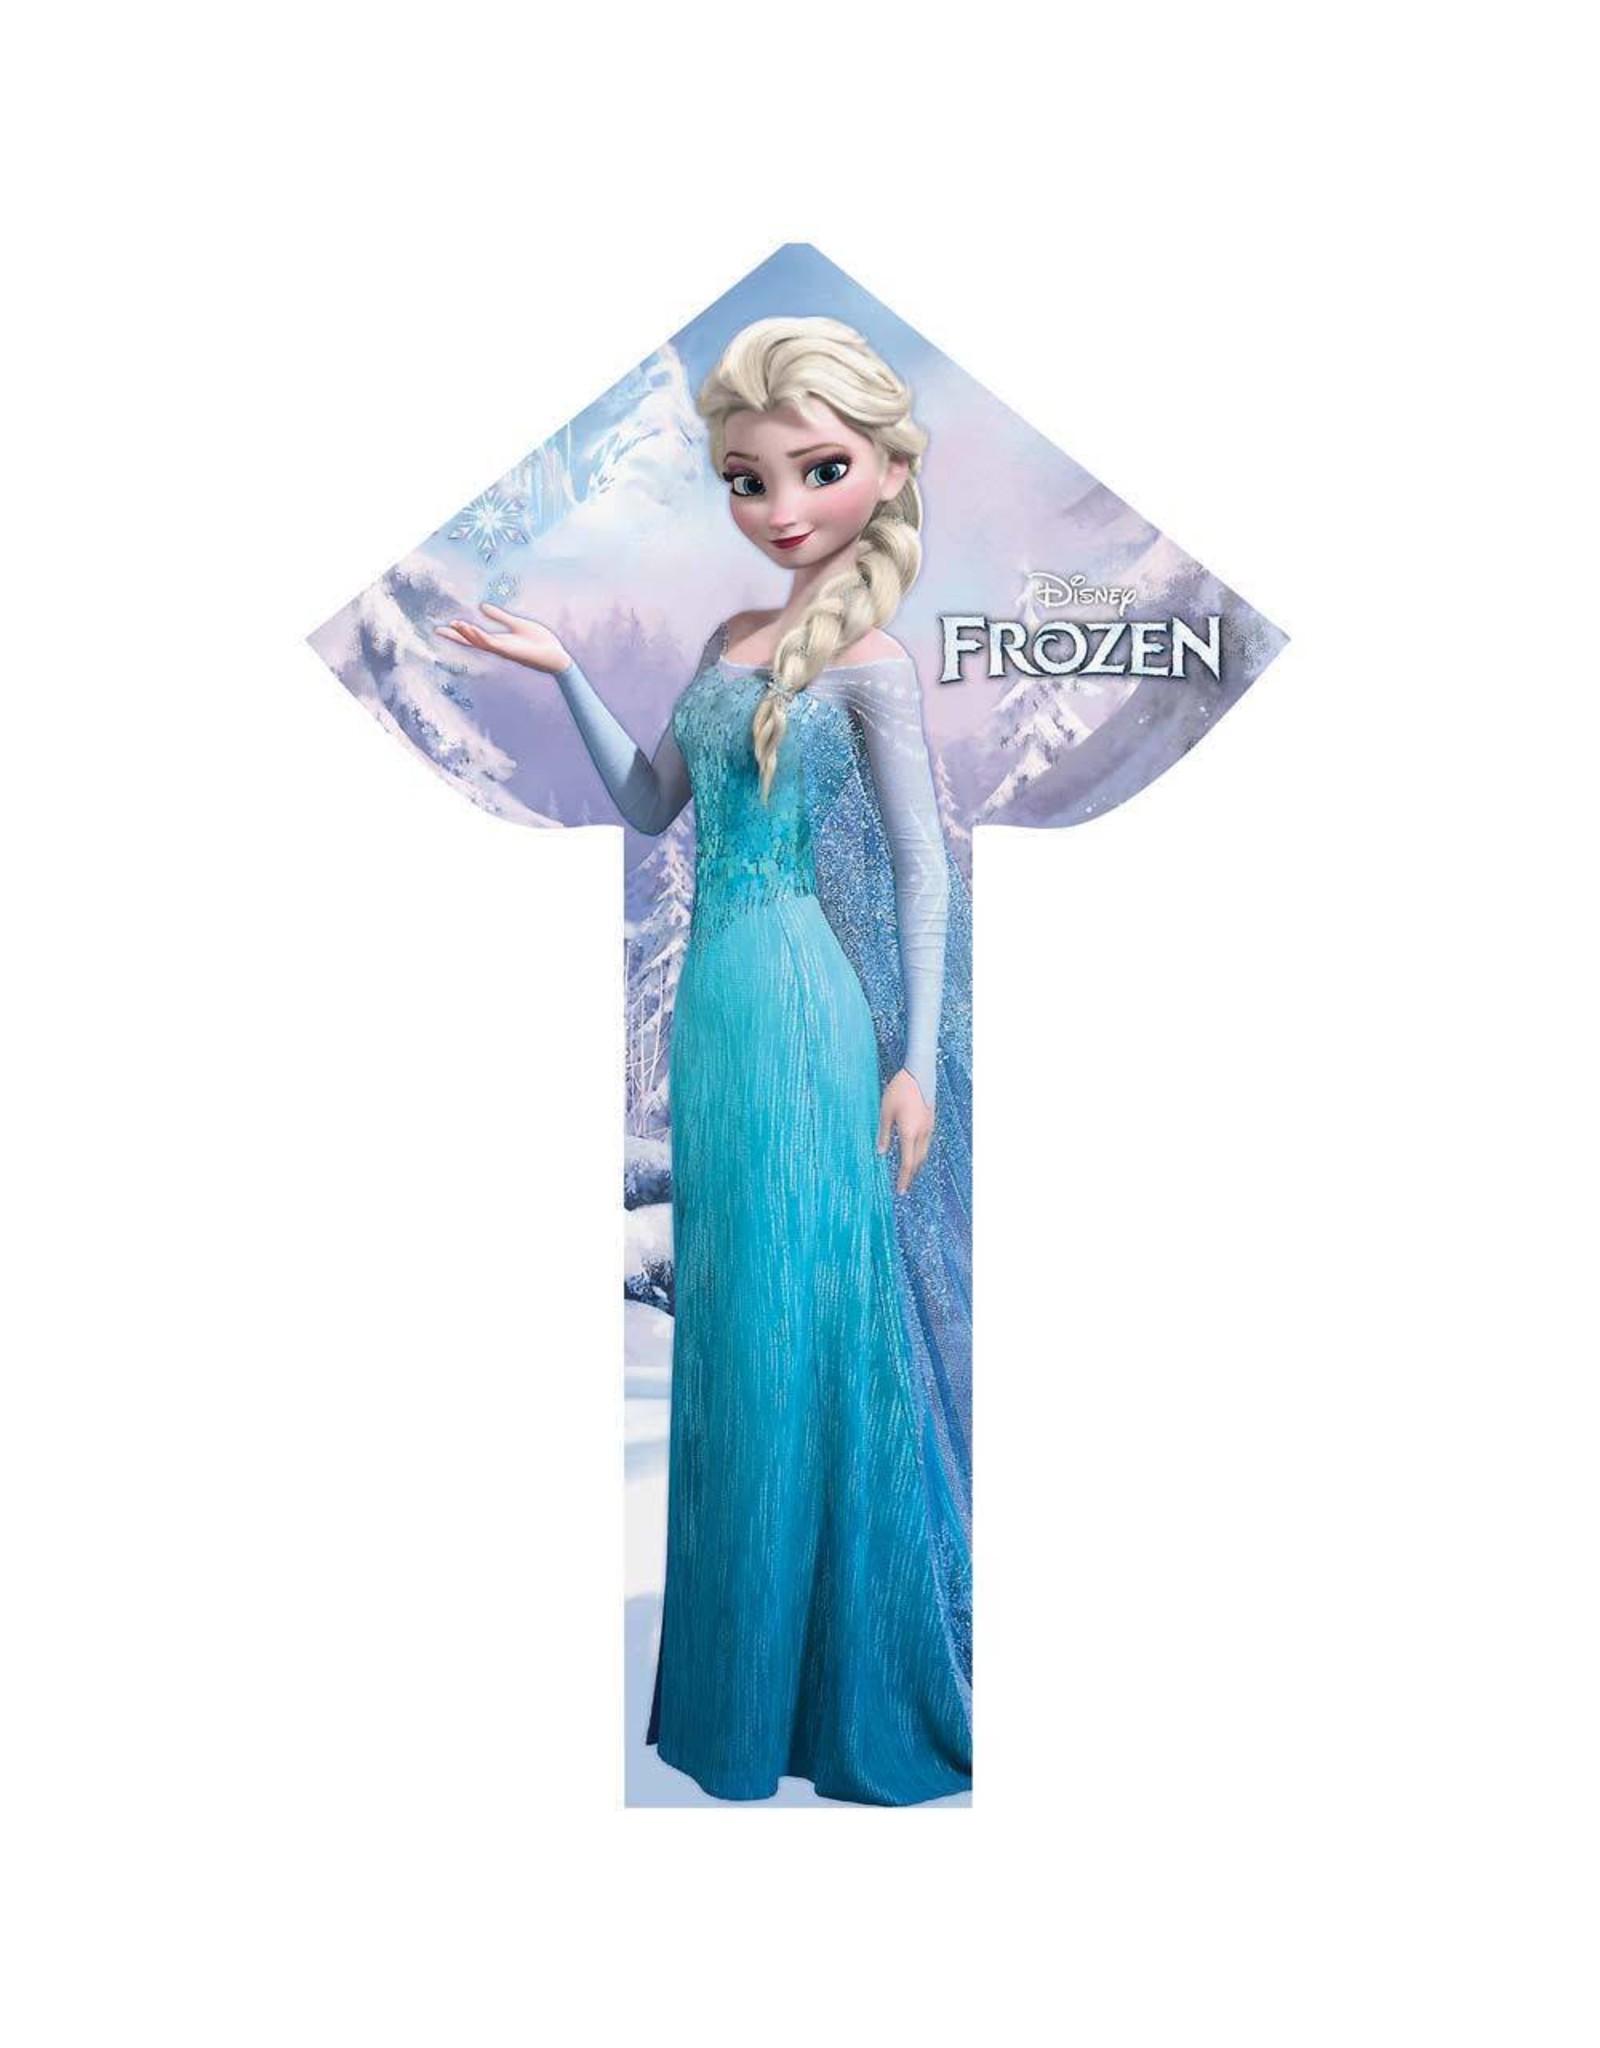 Brain Storm Kites 70672 WNS Breezy Flyer Frozen Elsa 57